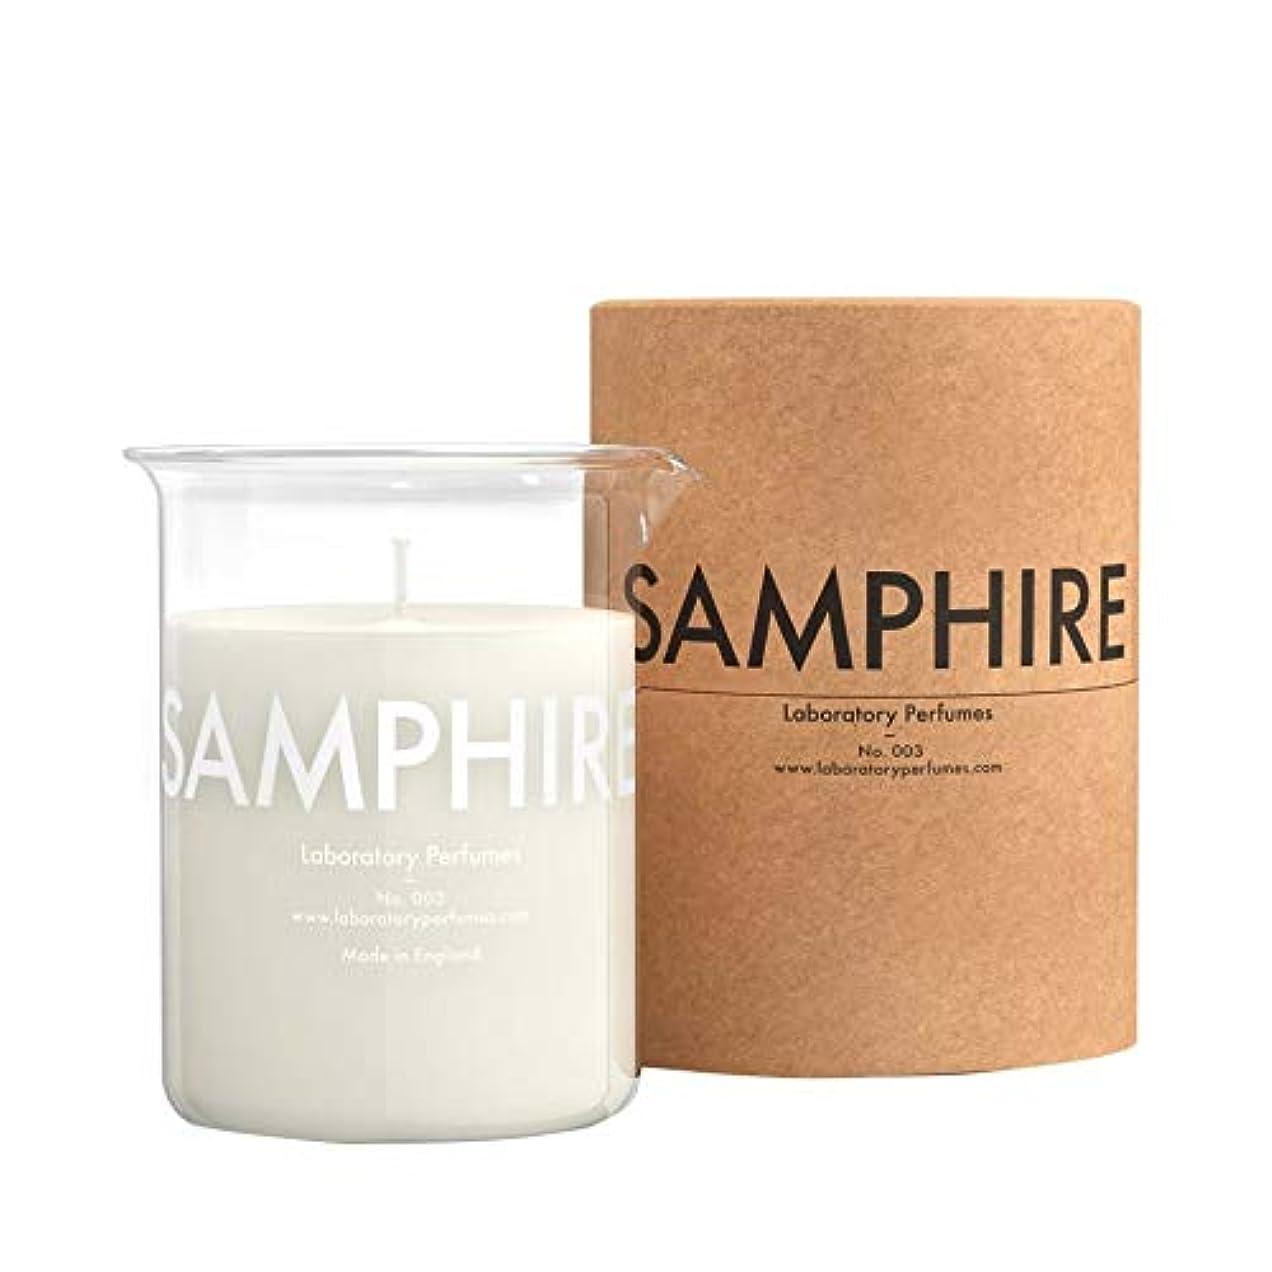 プールかわすできれば[Laboratory Perfumes ] 実験室の香水なし。 033 Samphireフレグランスキャンドル - Laboratory Perfumes No. 033 Samphire Fragranced Candle...